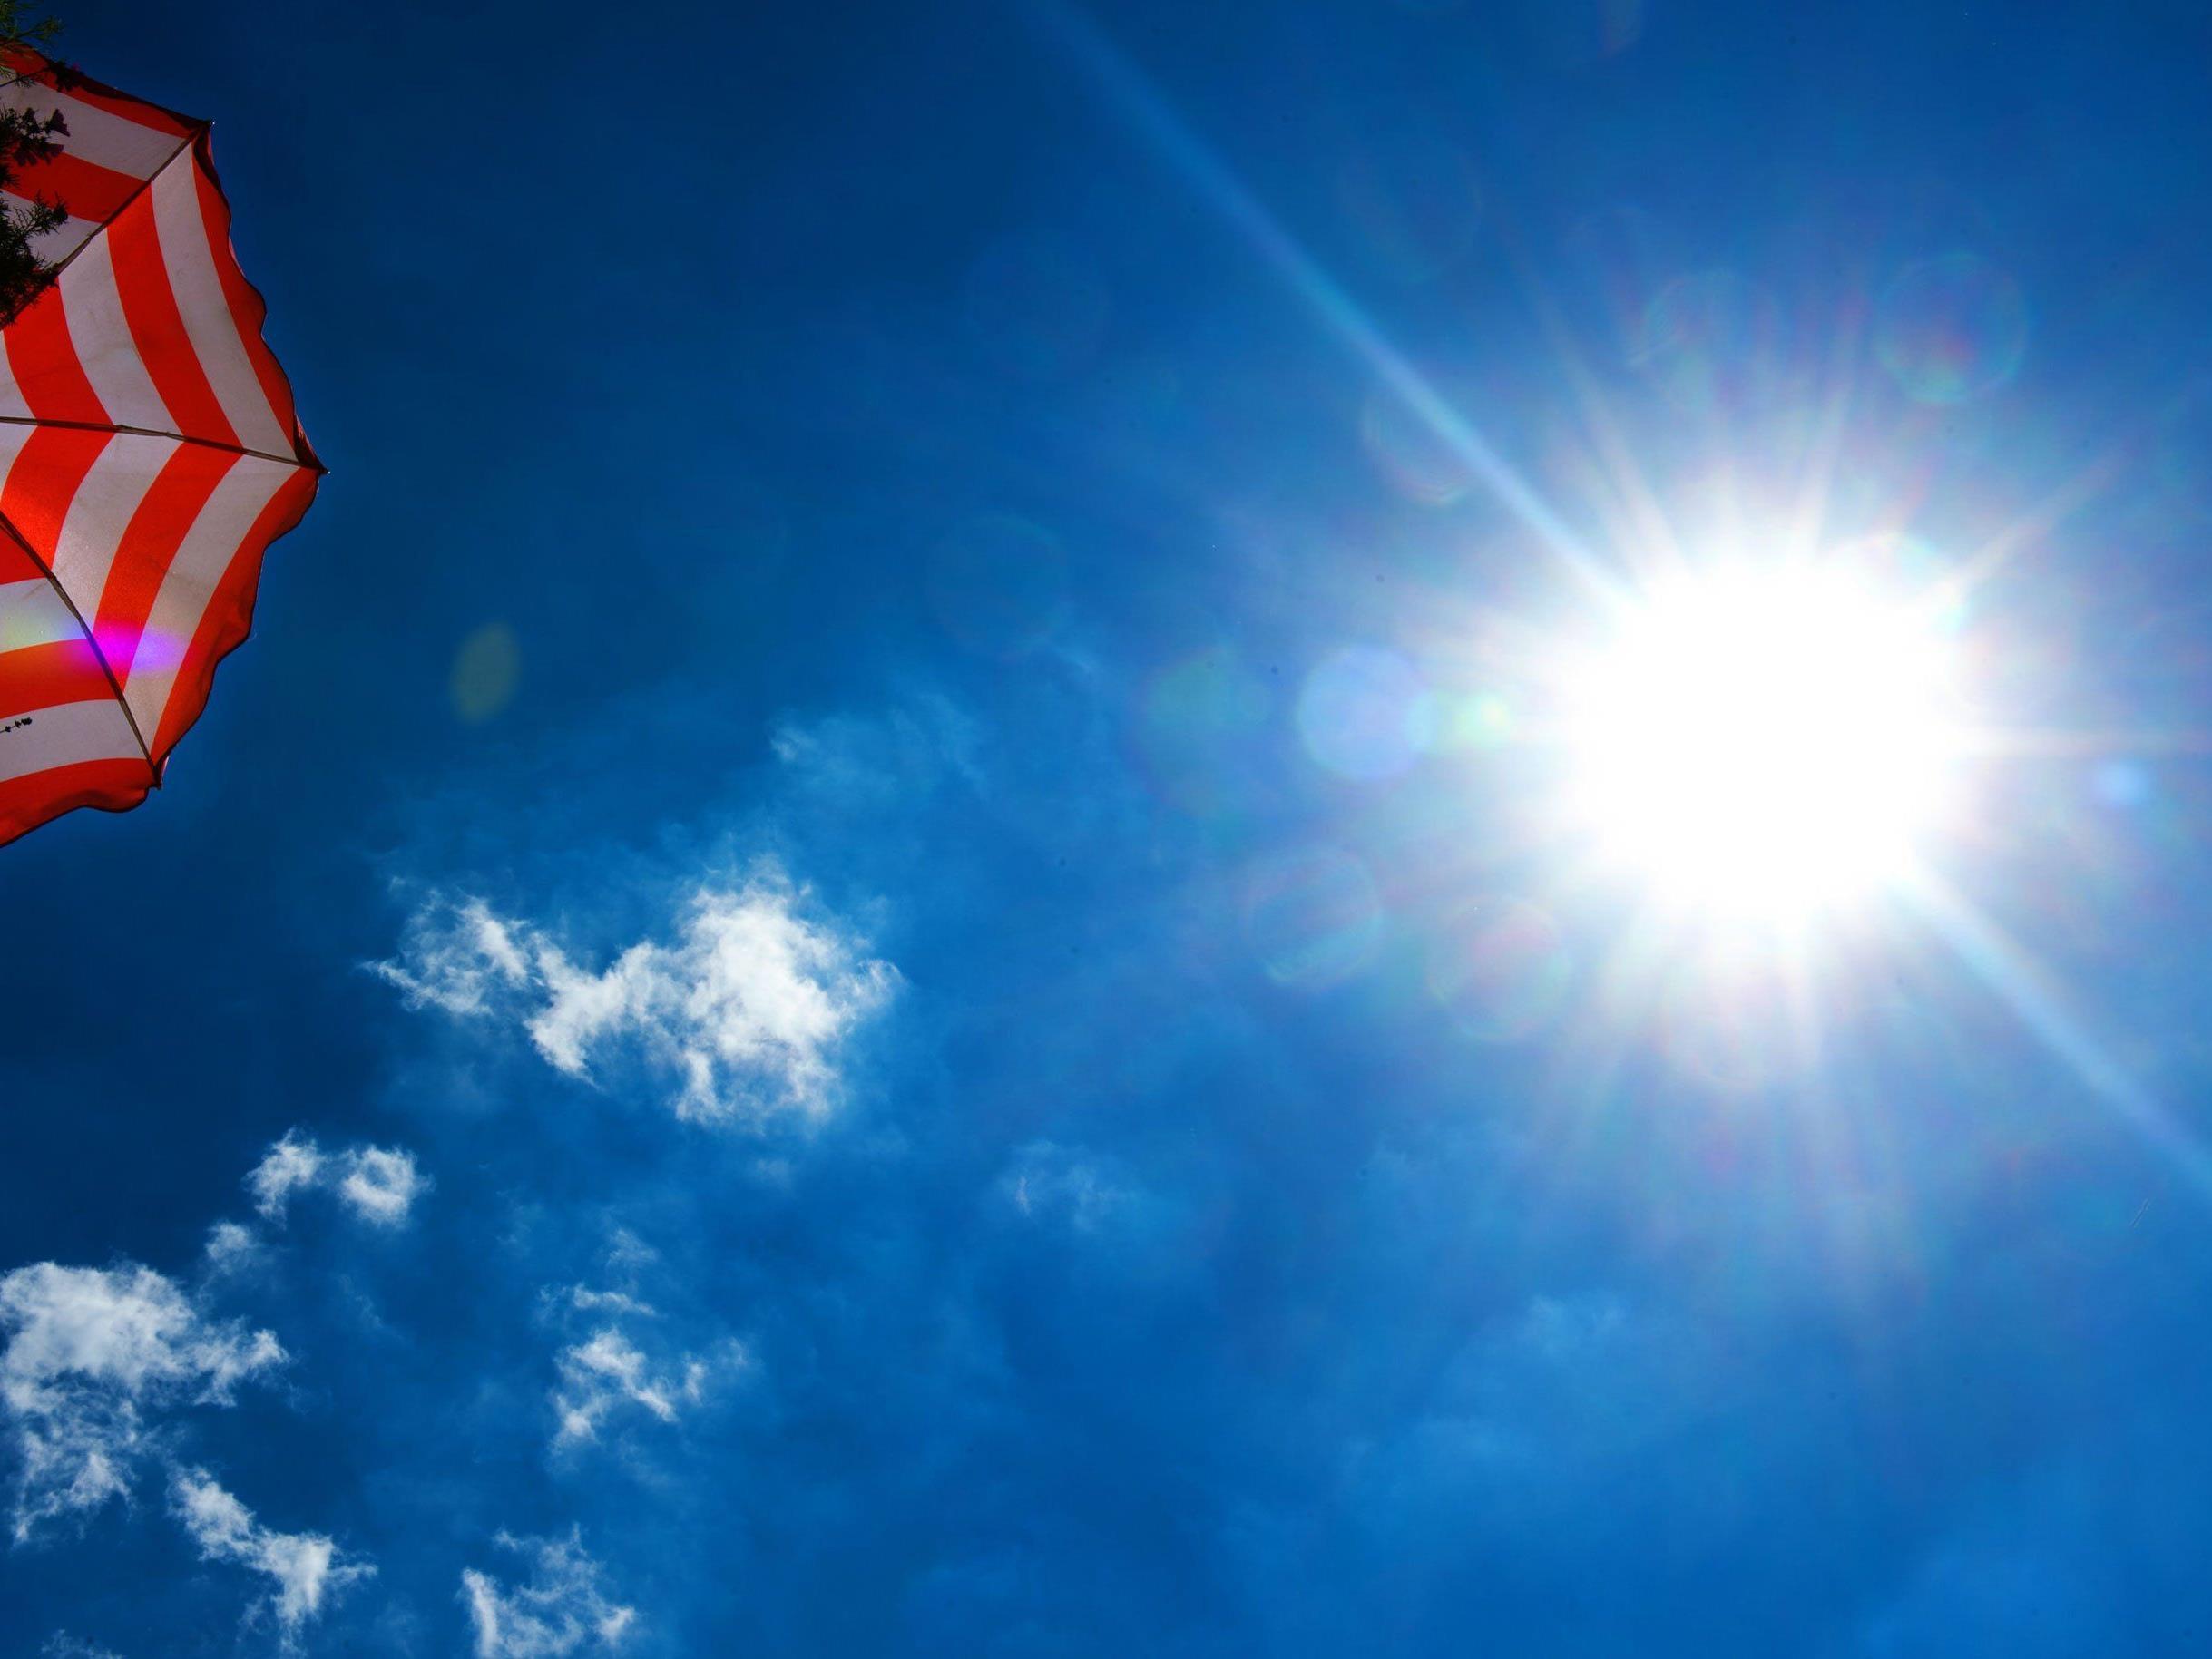 Die kommende Woche erwartet uns viel Sonnenschein.